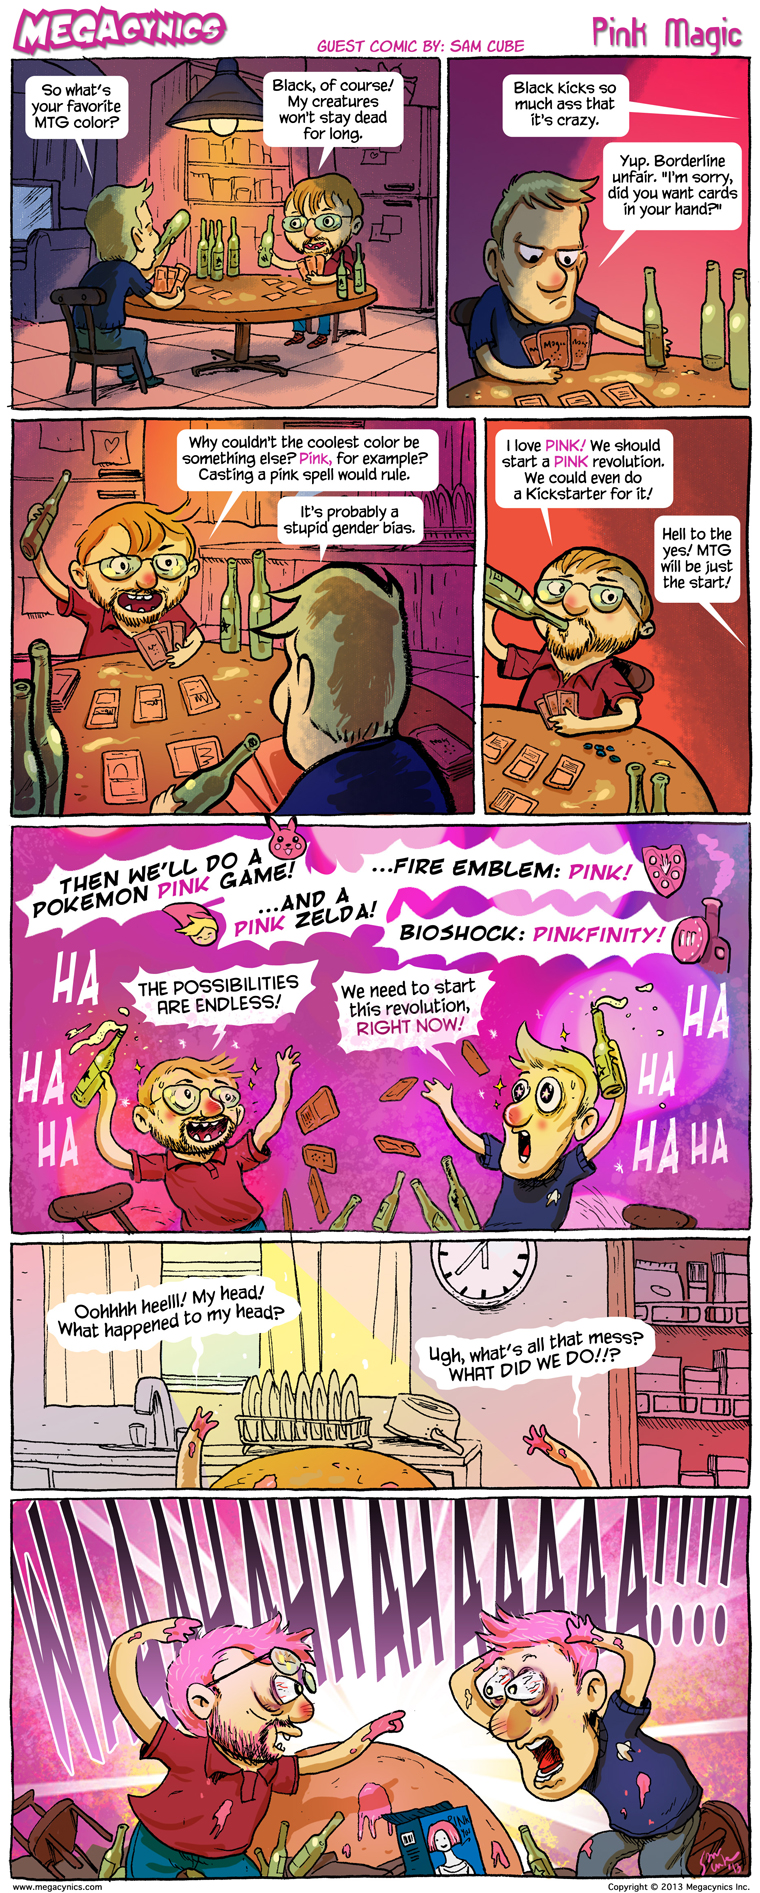 MegaCynics: Pink Magic (Jun 21, 2013)